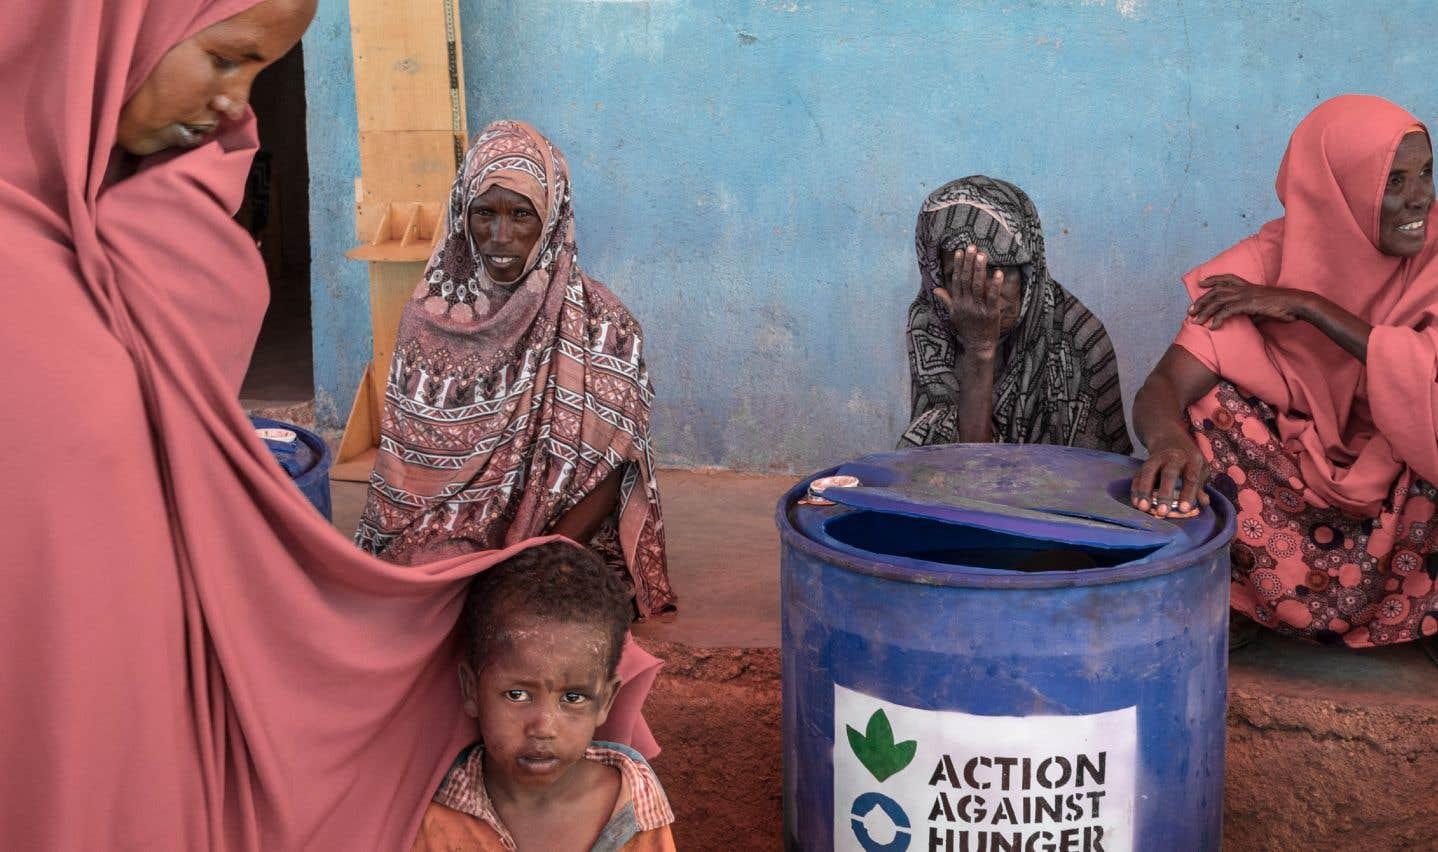 Dans des pays comme l'Éthiopie ou la Somalie, les conflits armés contribuent à l'insécurité alimentaire.